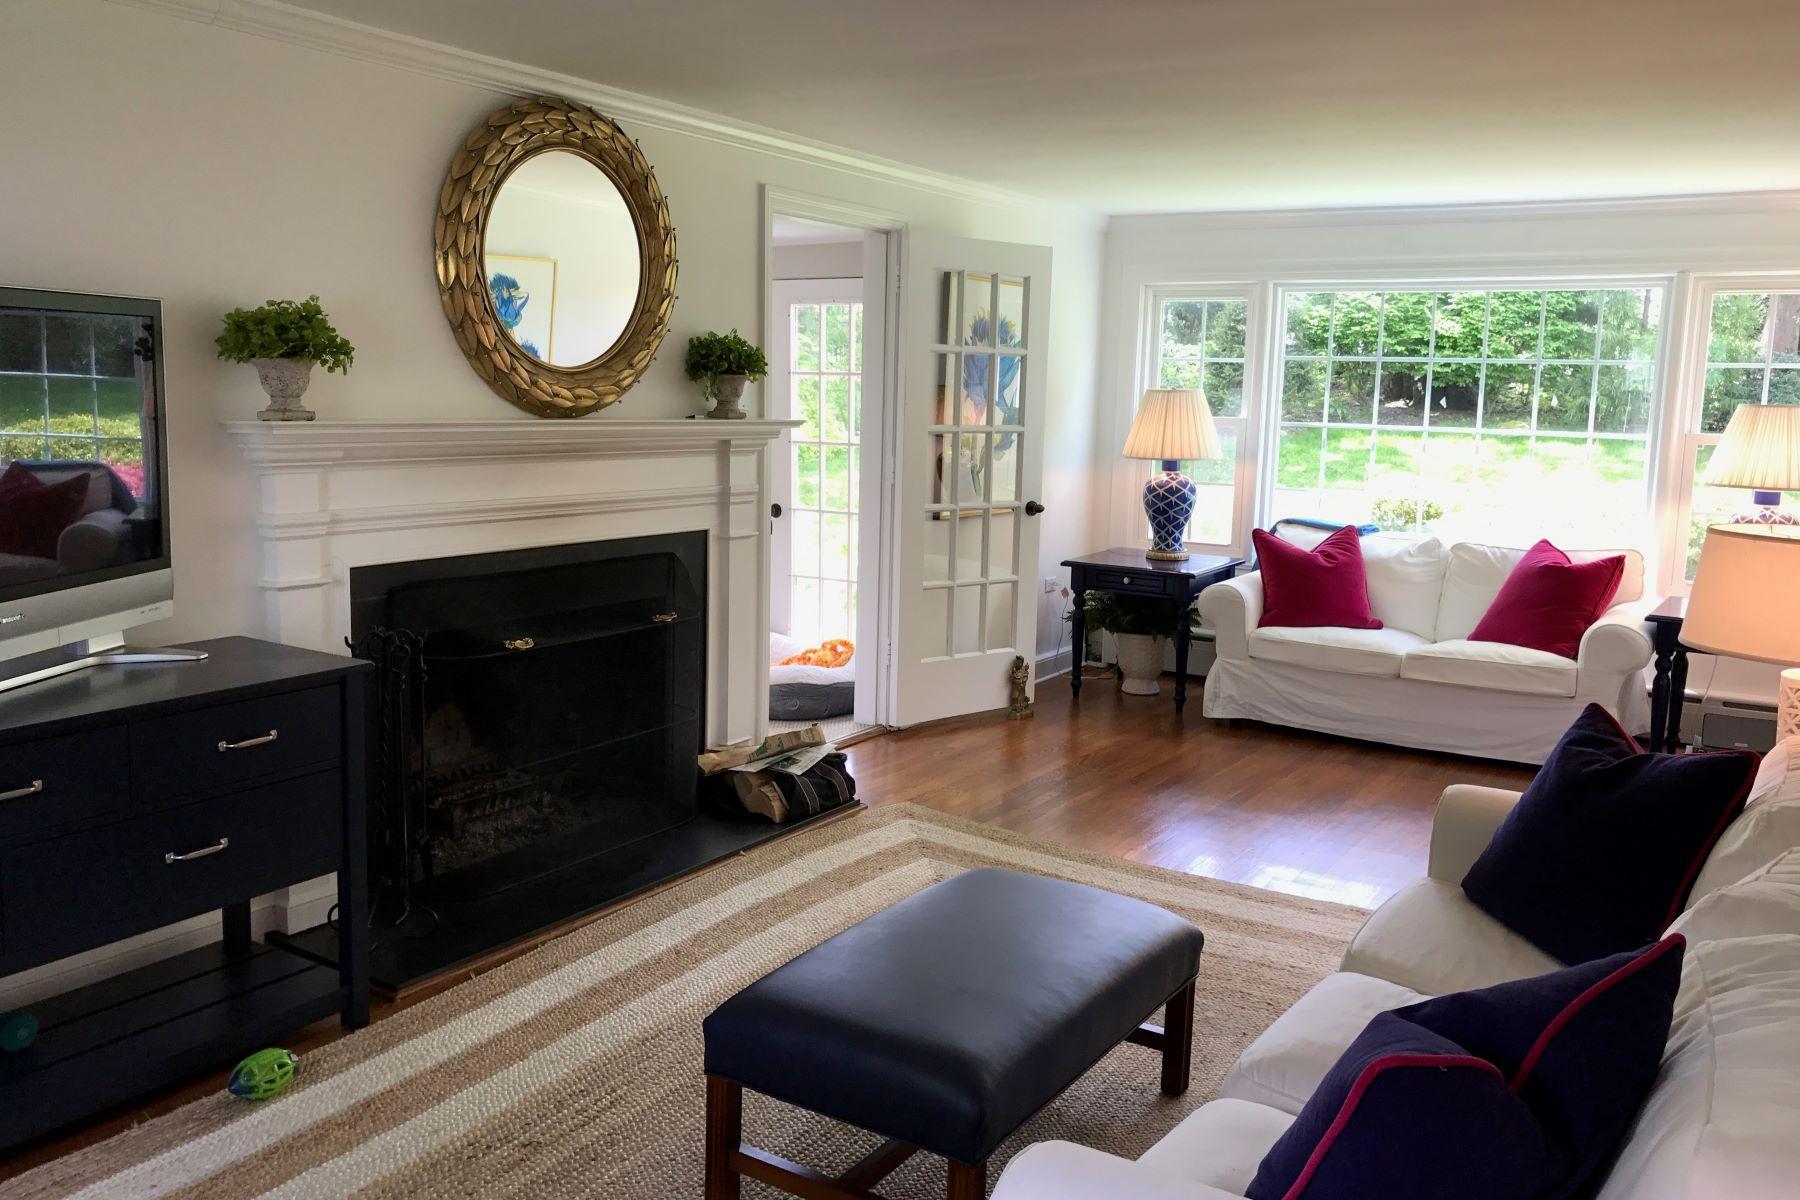 独户住宅 为 出租 在 106 Kimberly Place 新迦南, 康涅狄格州, 06840 美国